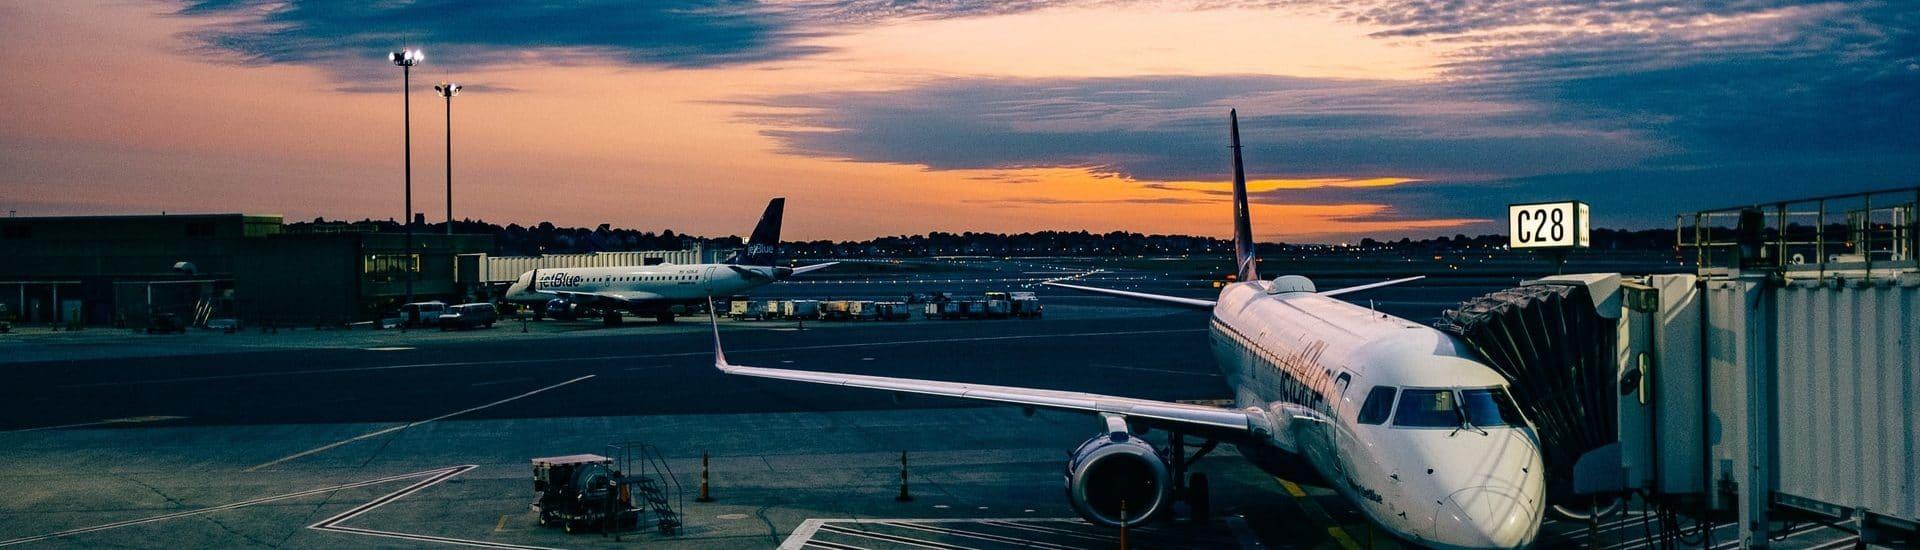 Χρηματοδότες των αεροπορικών εταιρειών, οι ίδιοι οι πελάτες τους